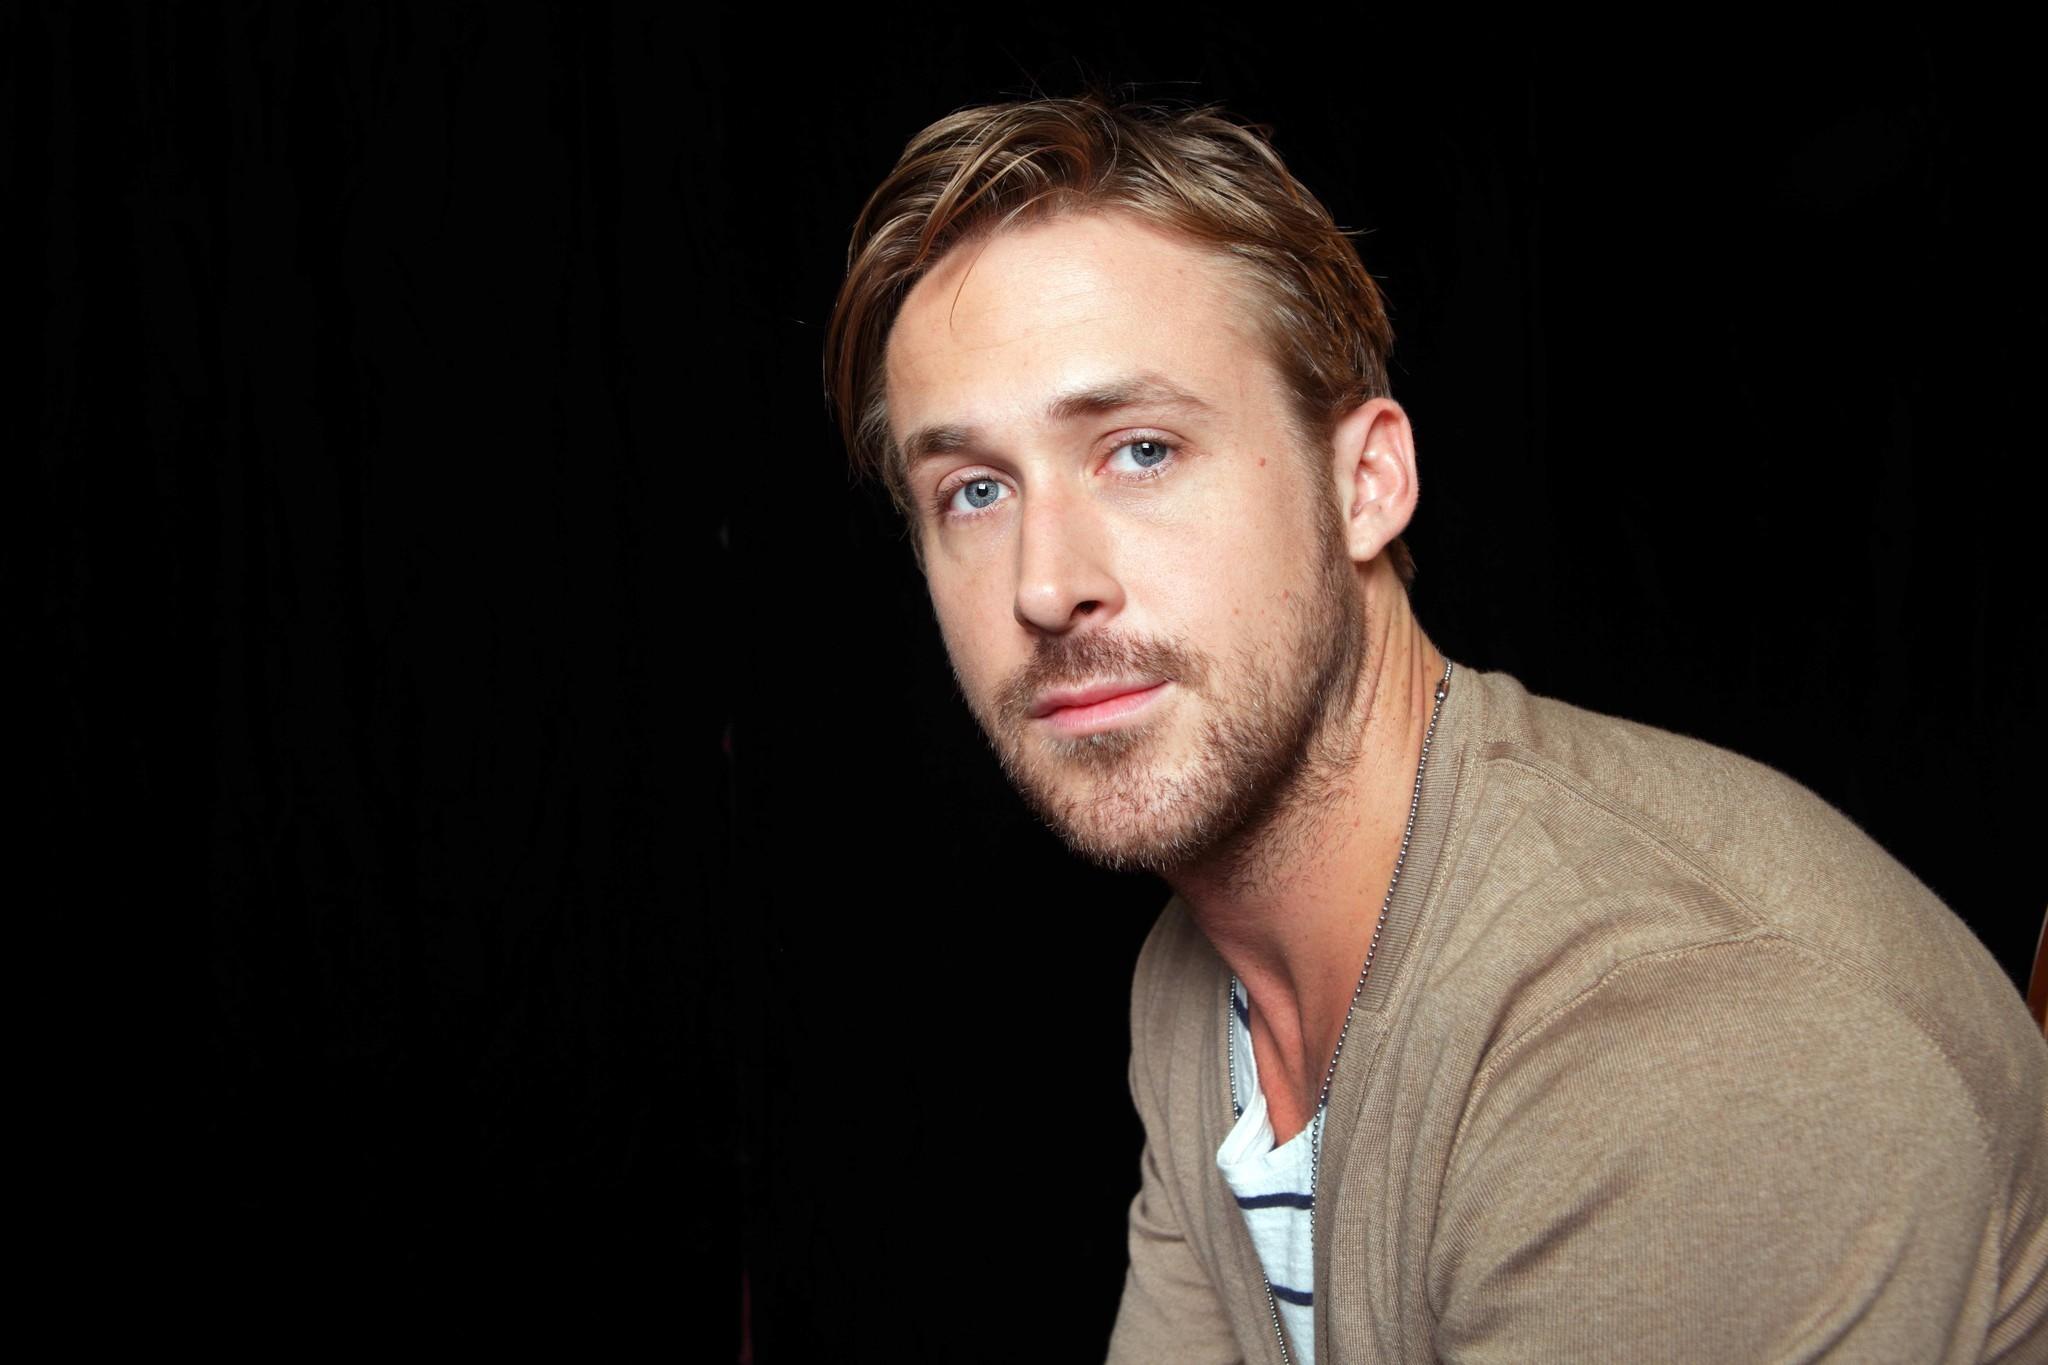 Ryan Gosling - Orlando... Ryan Gosling